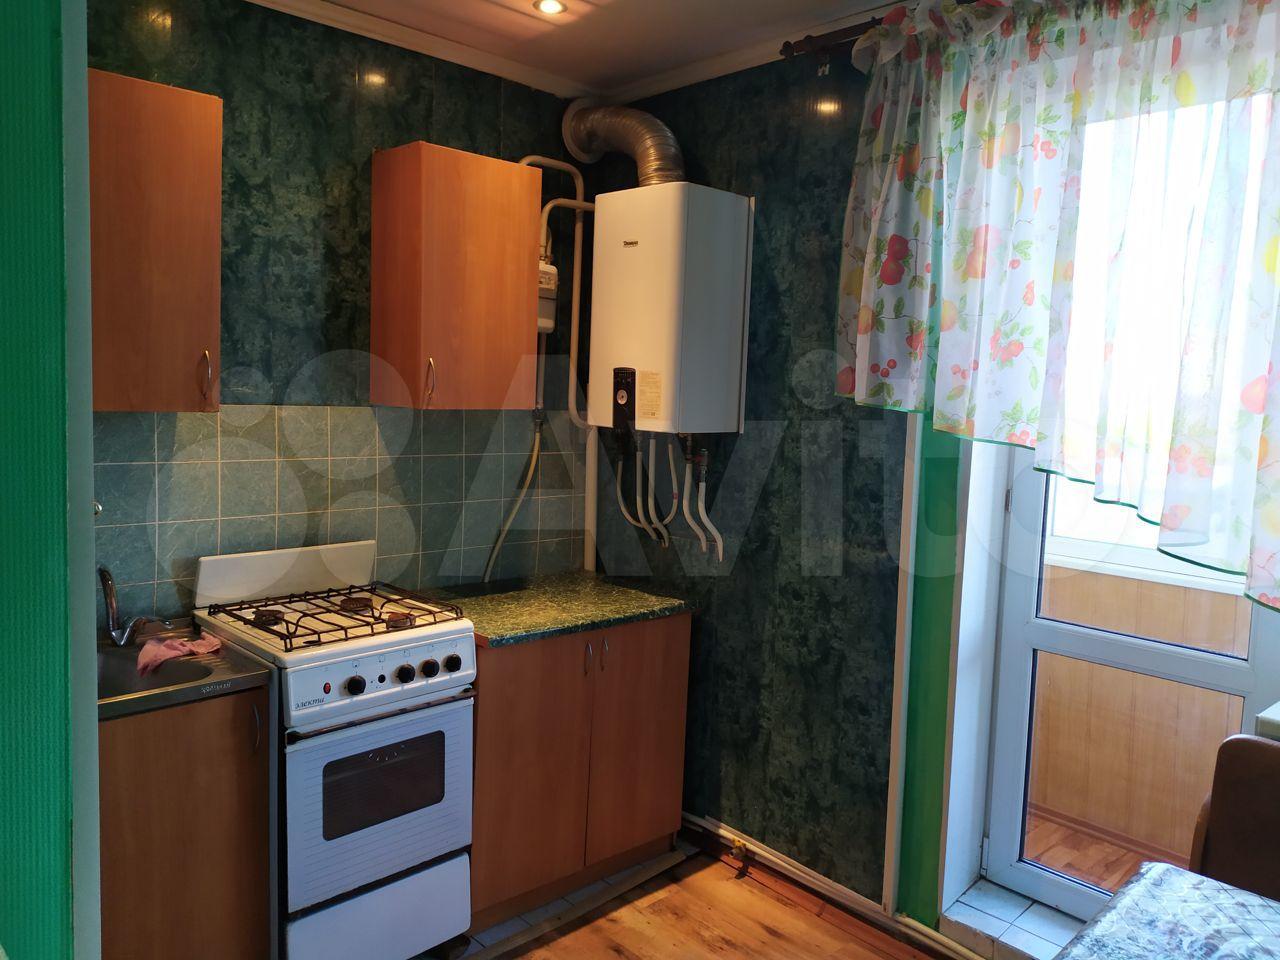 1-к квартира, 365 м², 5/5 эт.  89584071536 купить 3